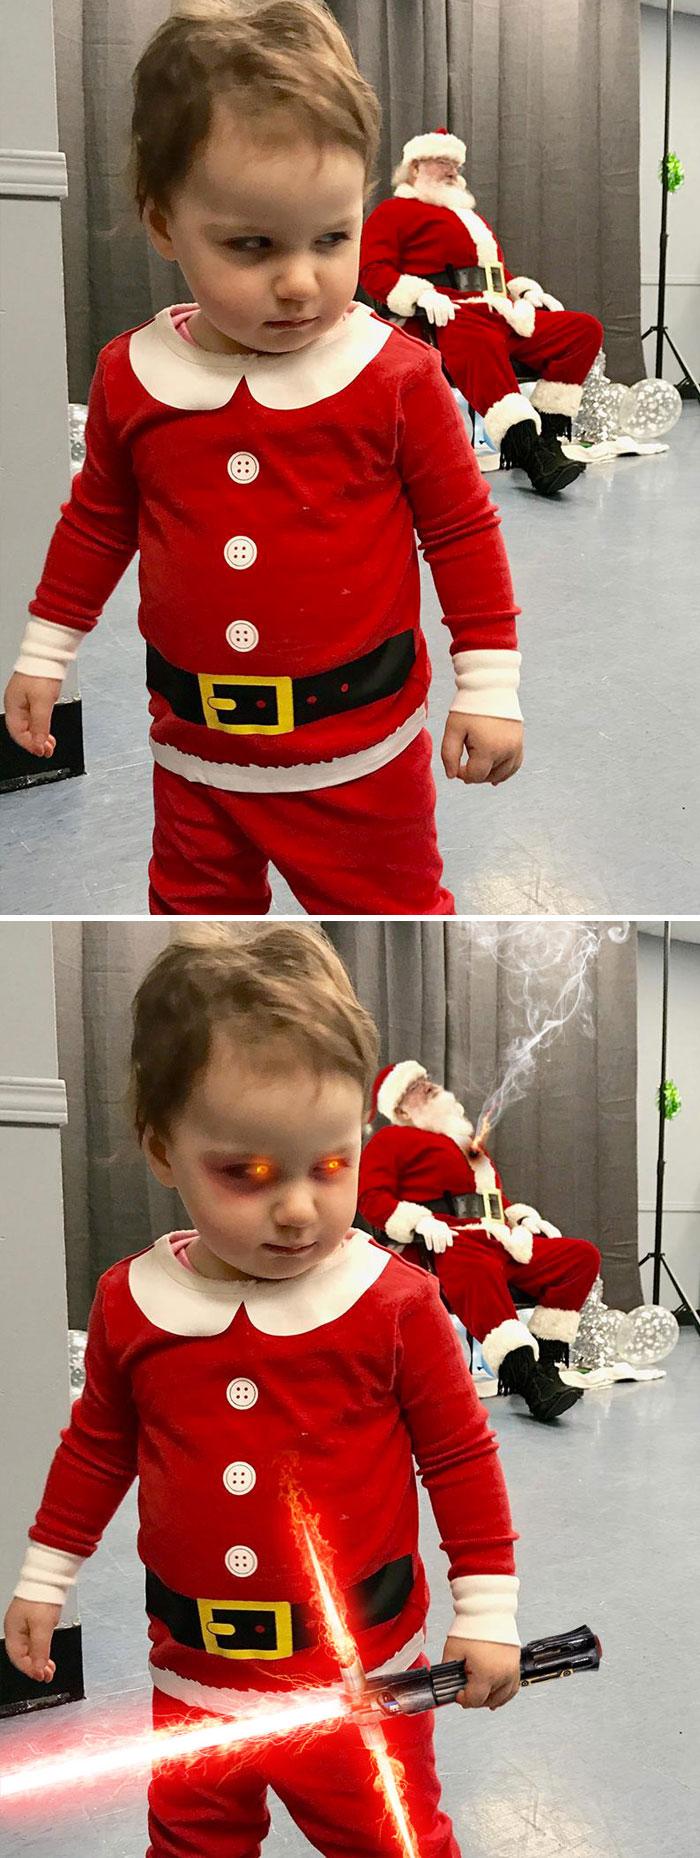 Toddler Visiting Santa